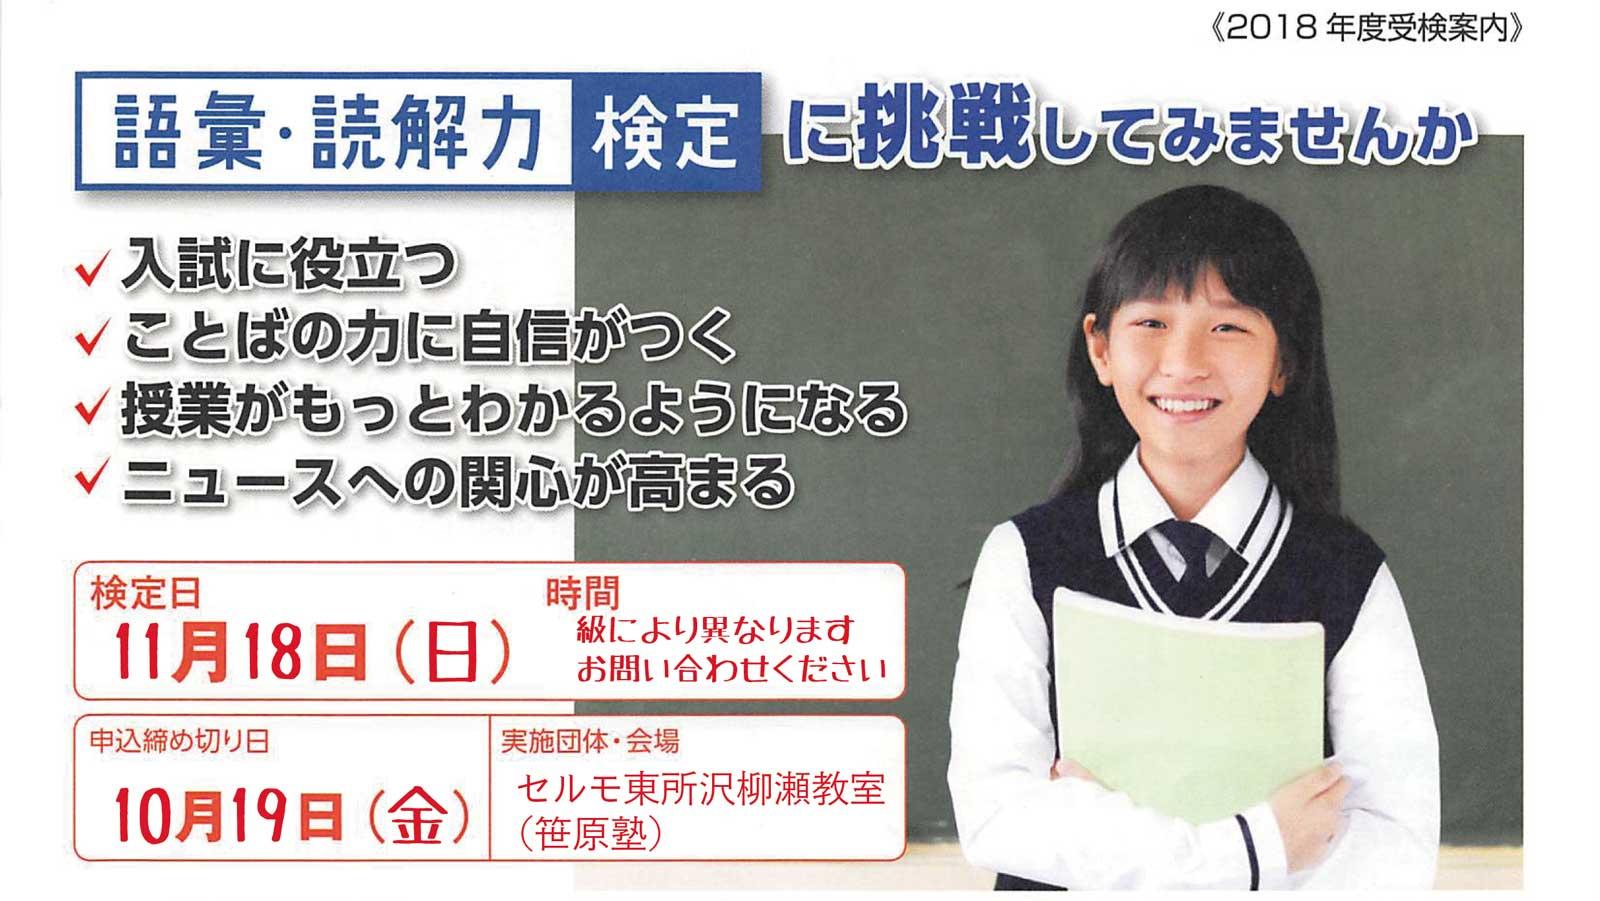 語彙・読解力検定 2018年11月実施